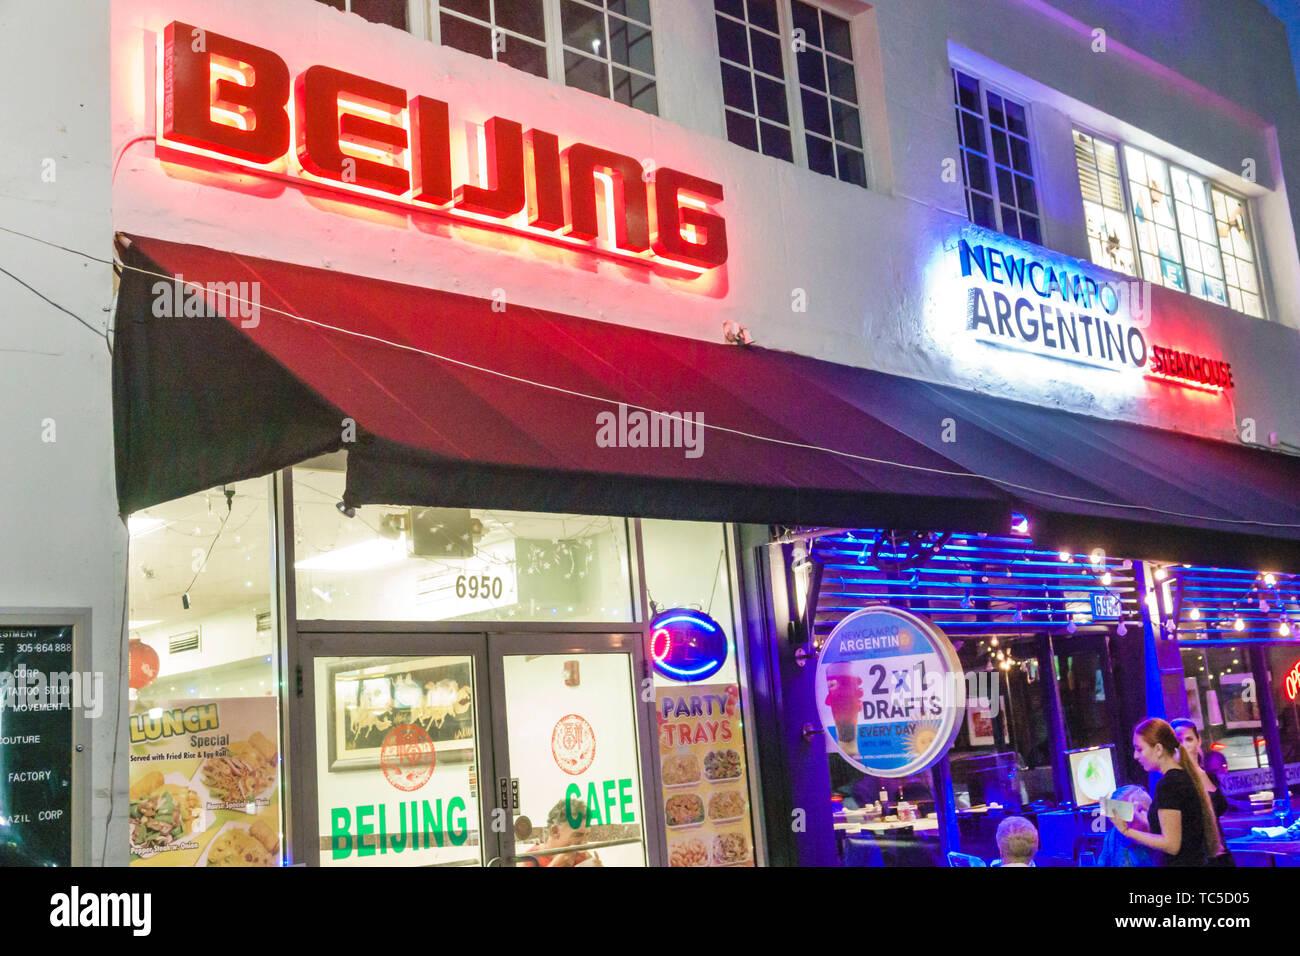 Miami Beach Florida North Beach Collins Avenue Nuovo Campo Argentino Steakhouse concorrenti di Pechino ristoranti ristorante etnico cibo cinese si esterna Immagini Stock